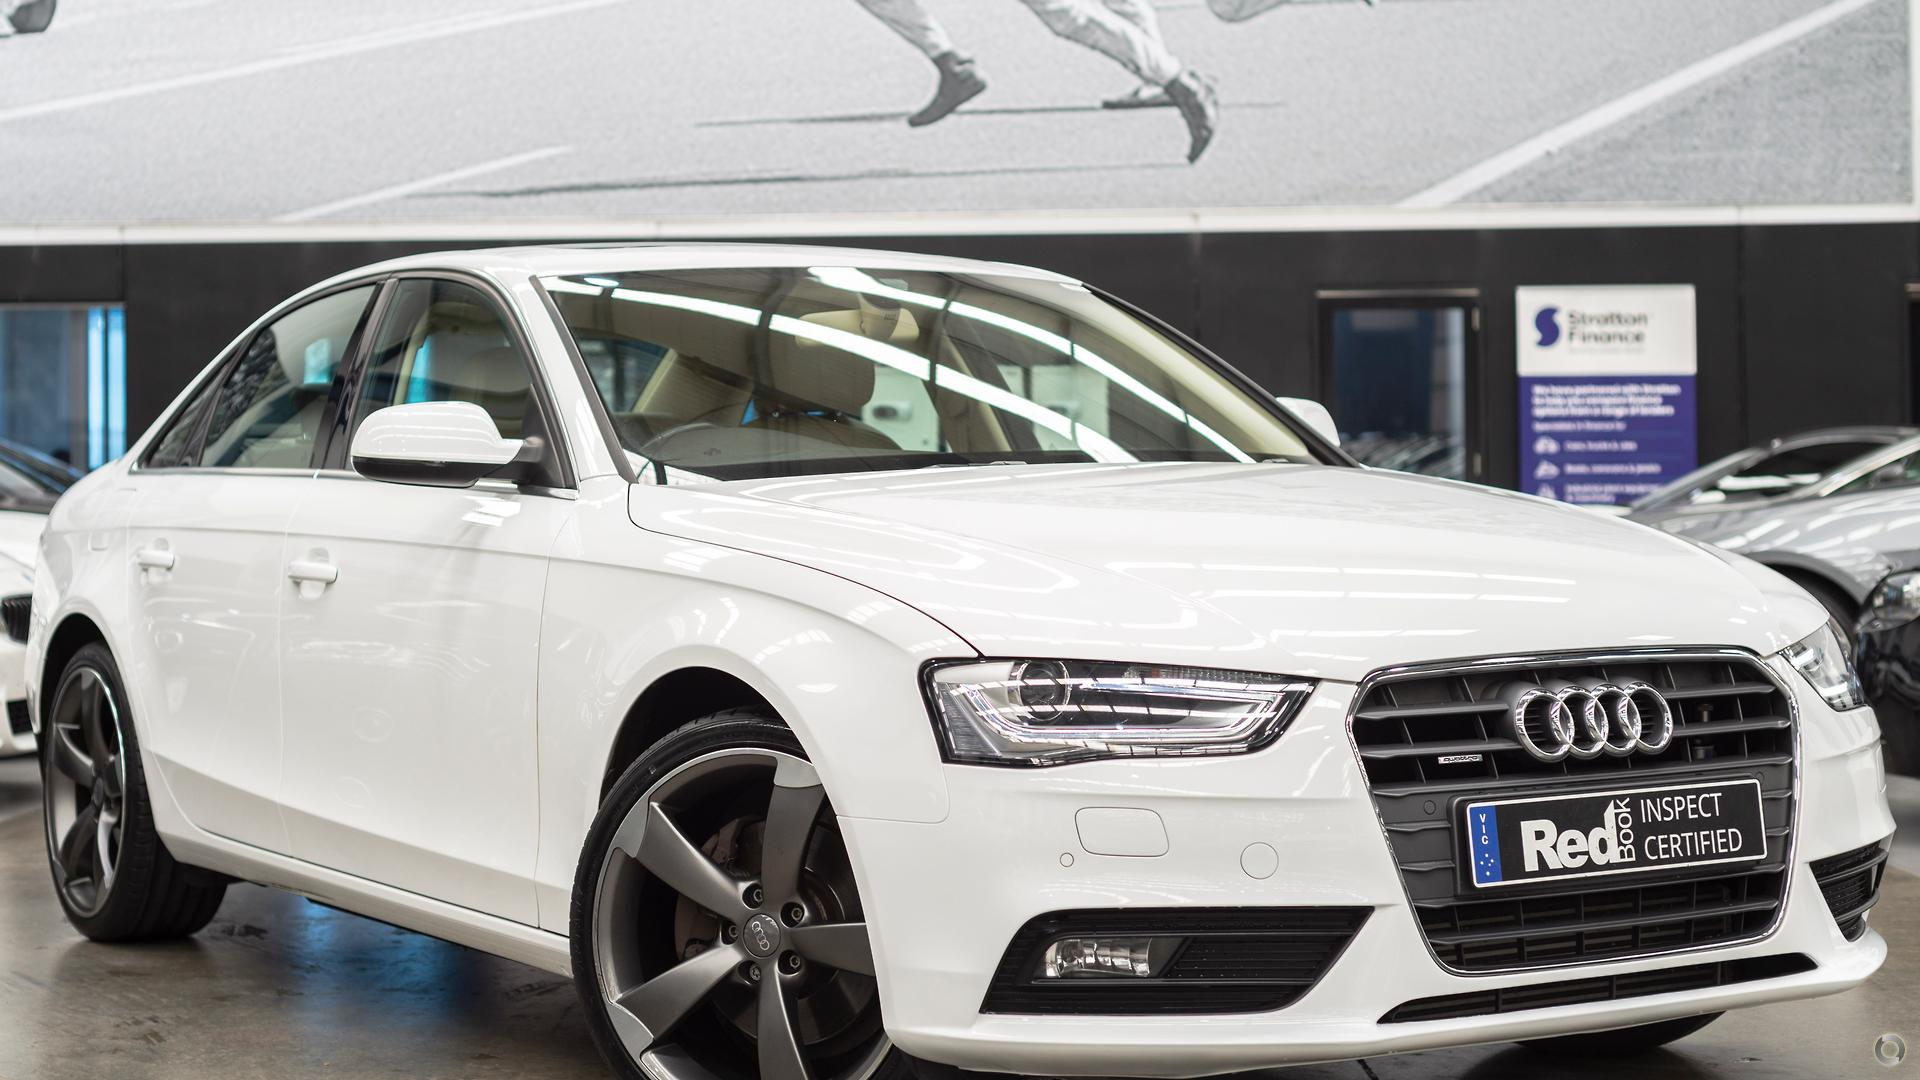 2015 Audi A4 B8